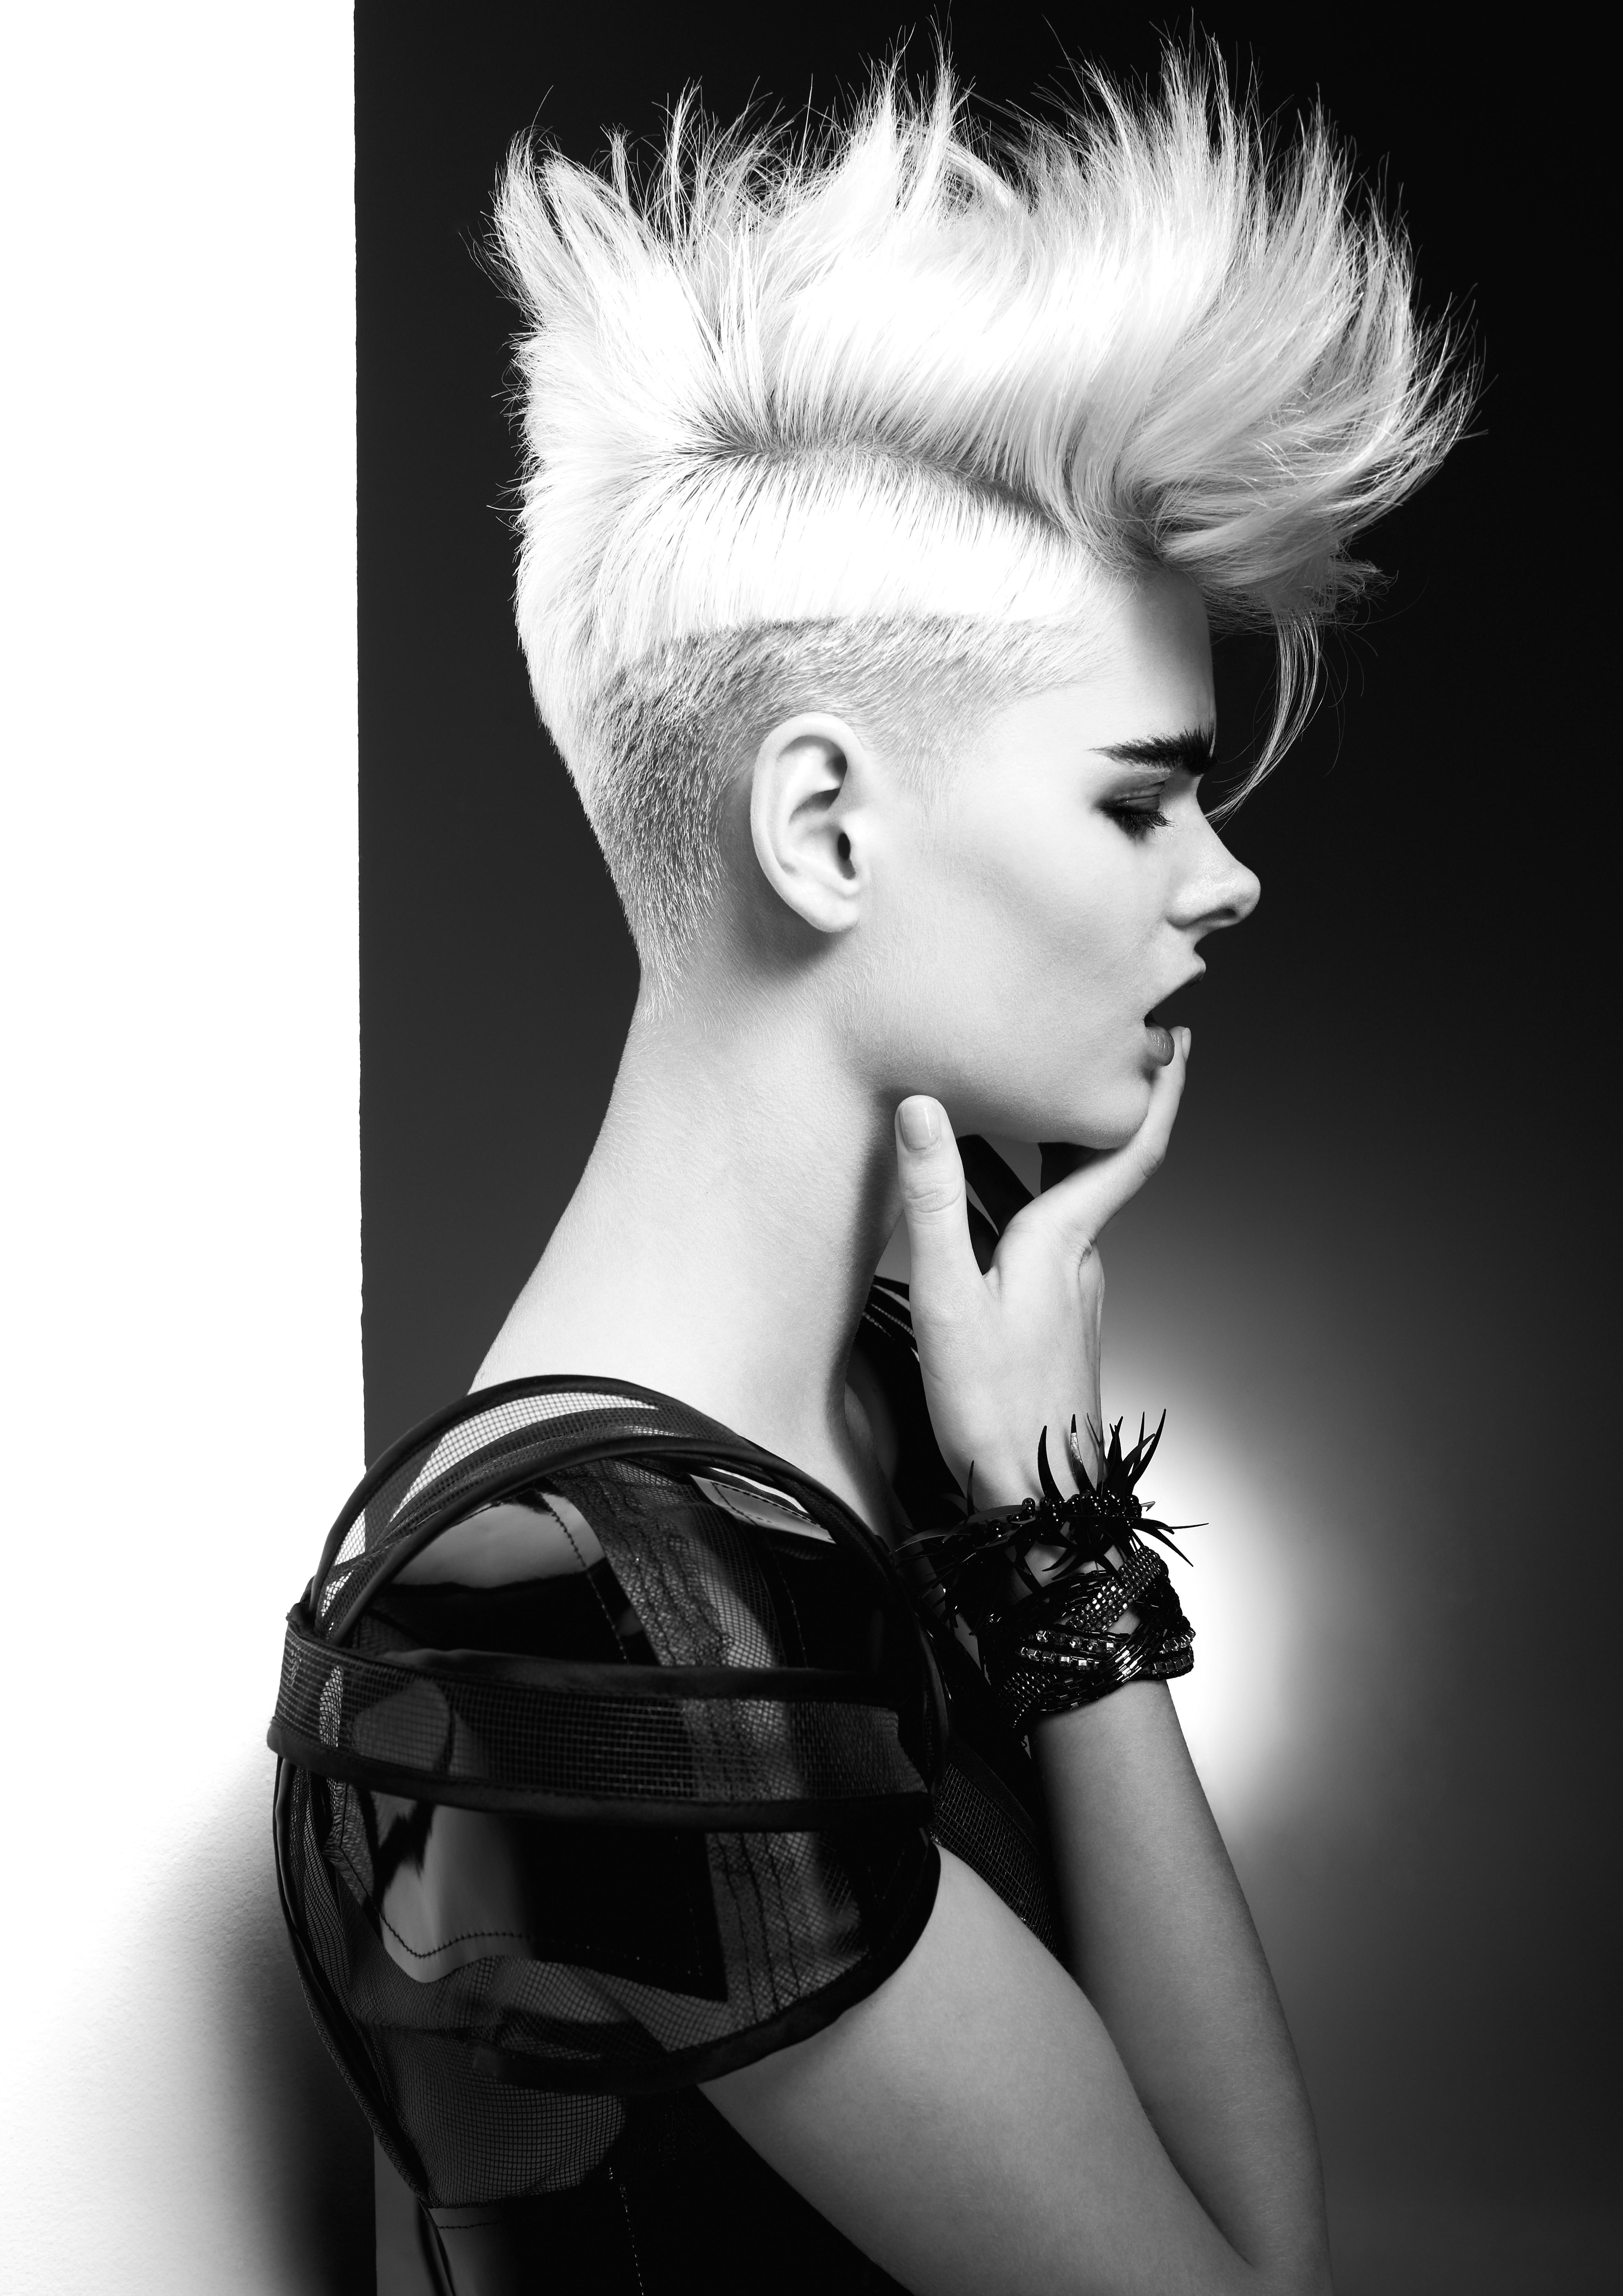 Hairstyle by Jordan Hone 4